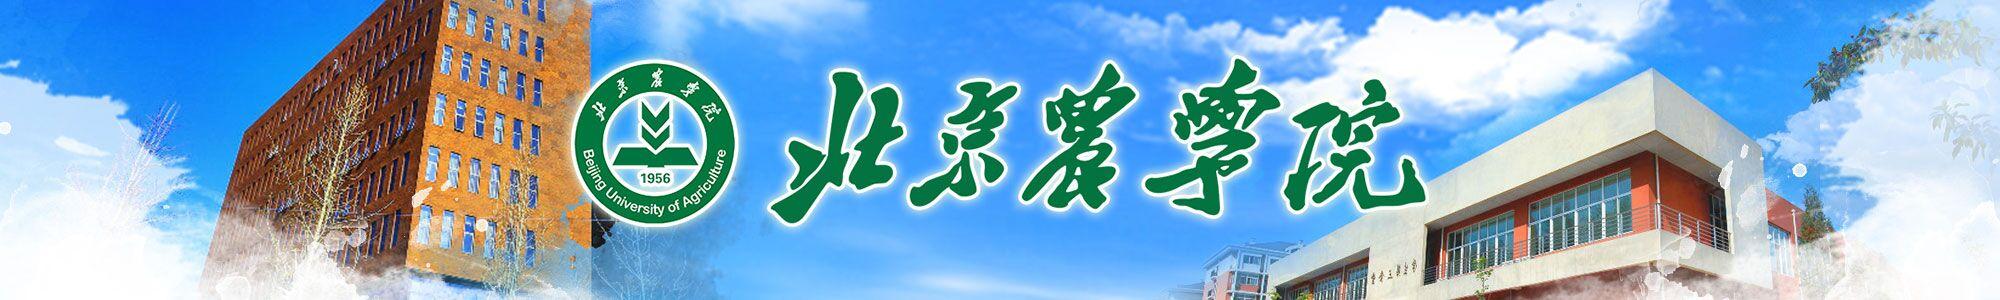 北京农学院.jpg